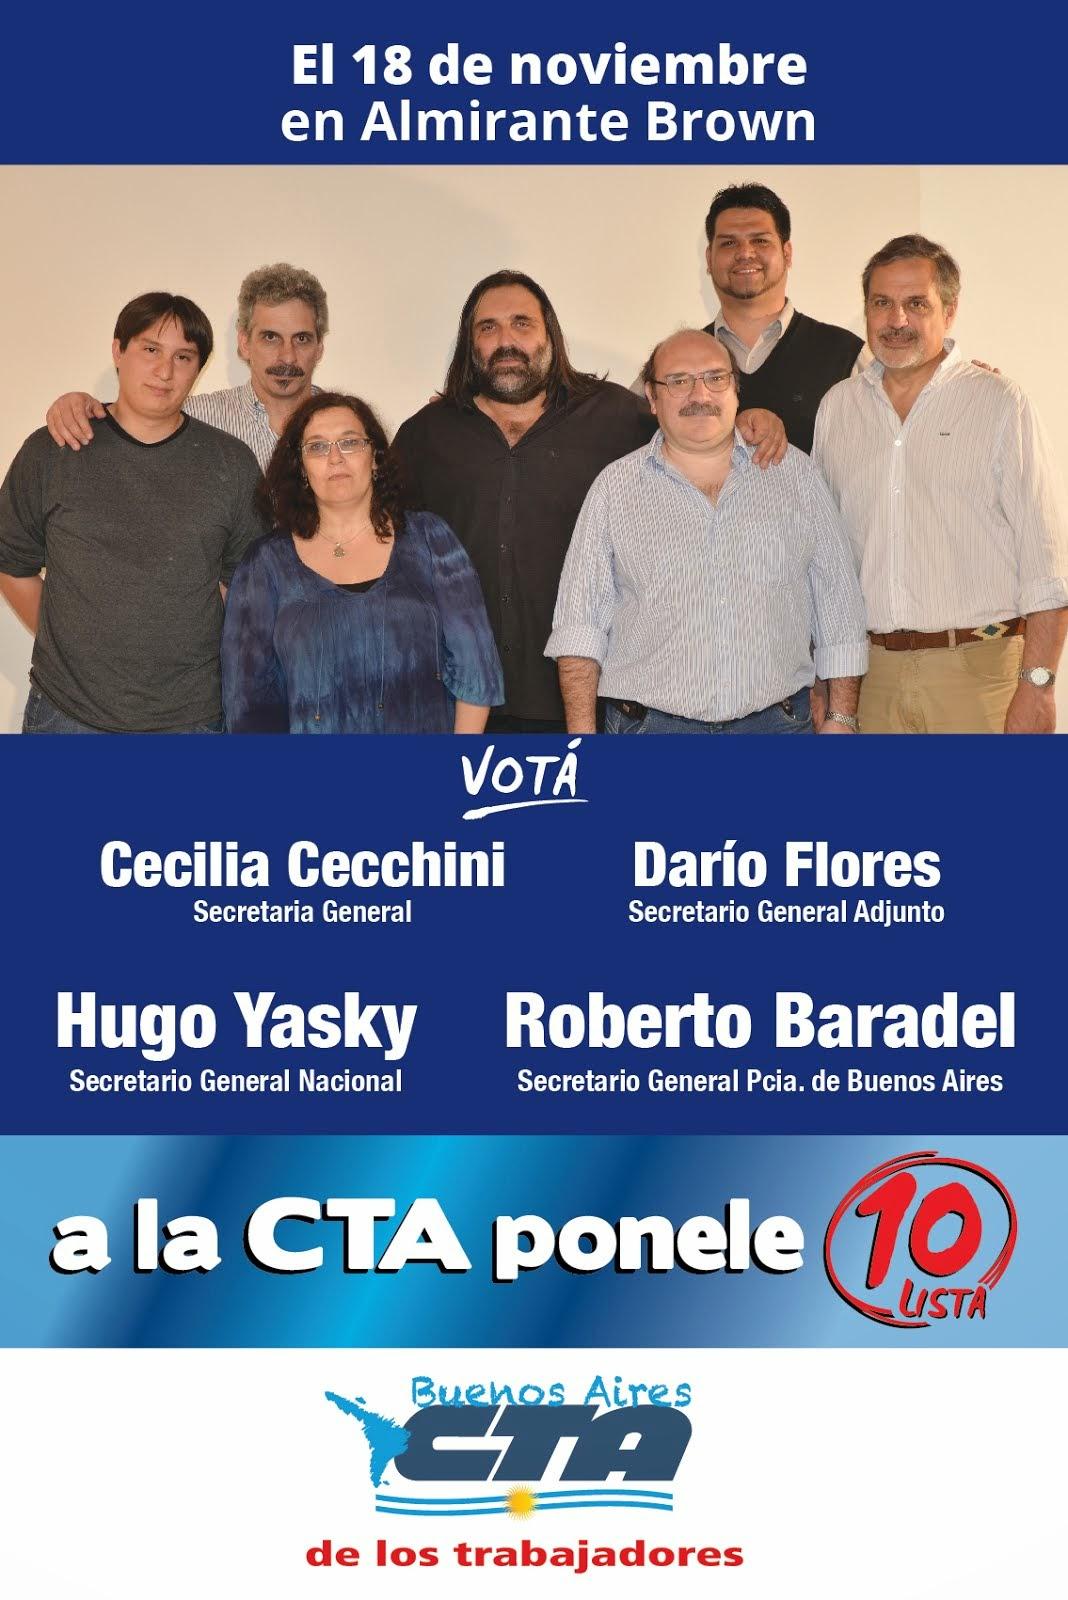 18/11 ELECCIONES DE LA CTA